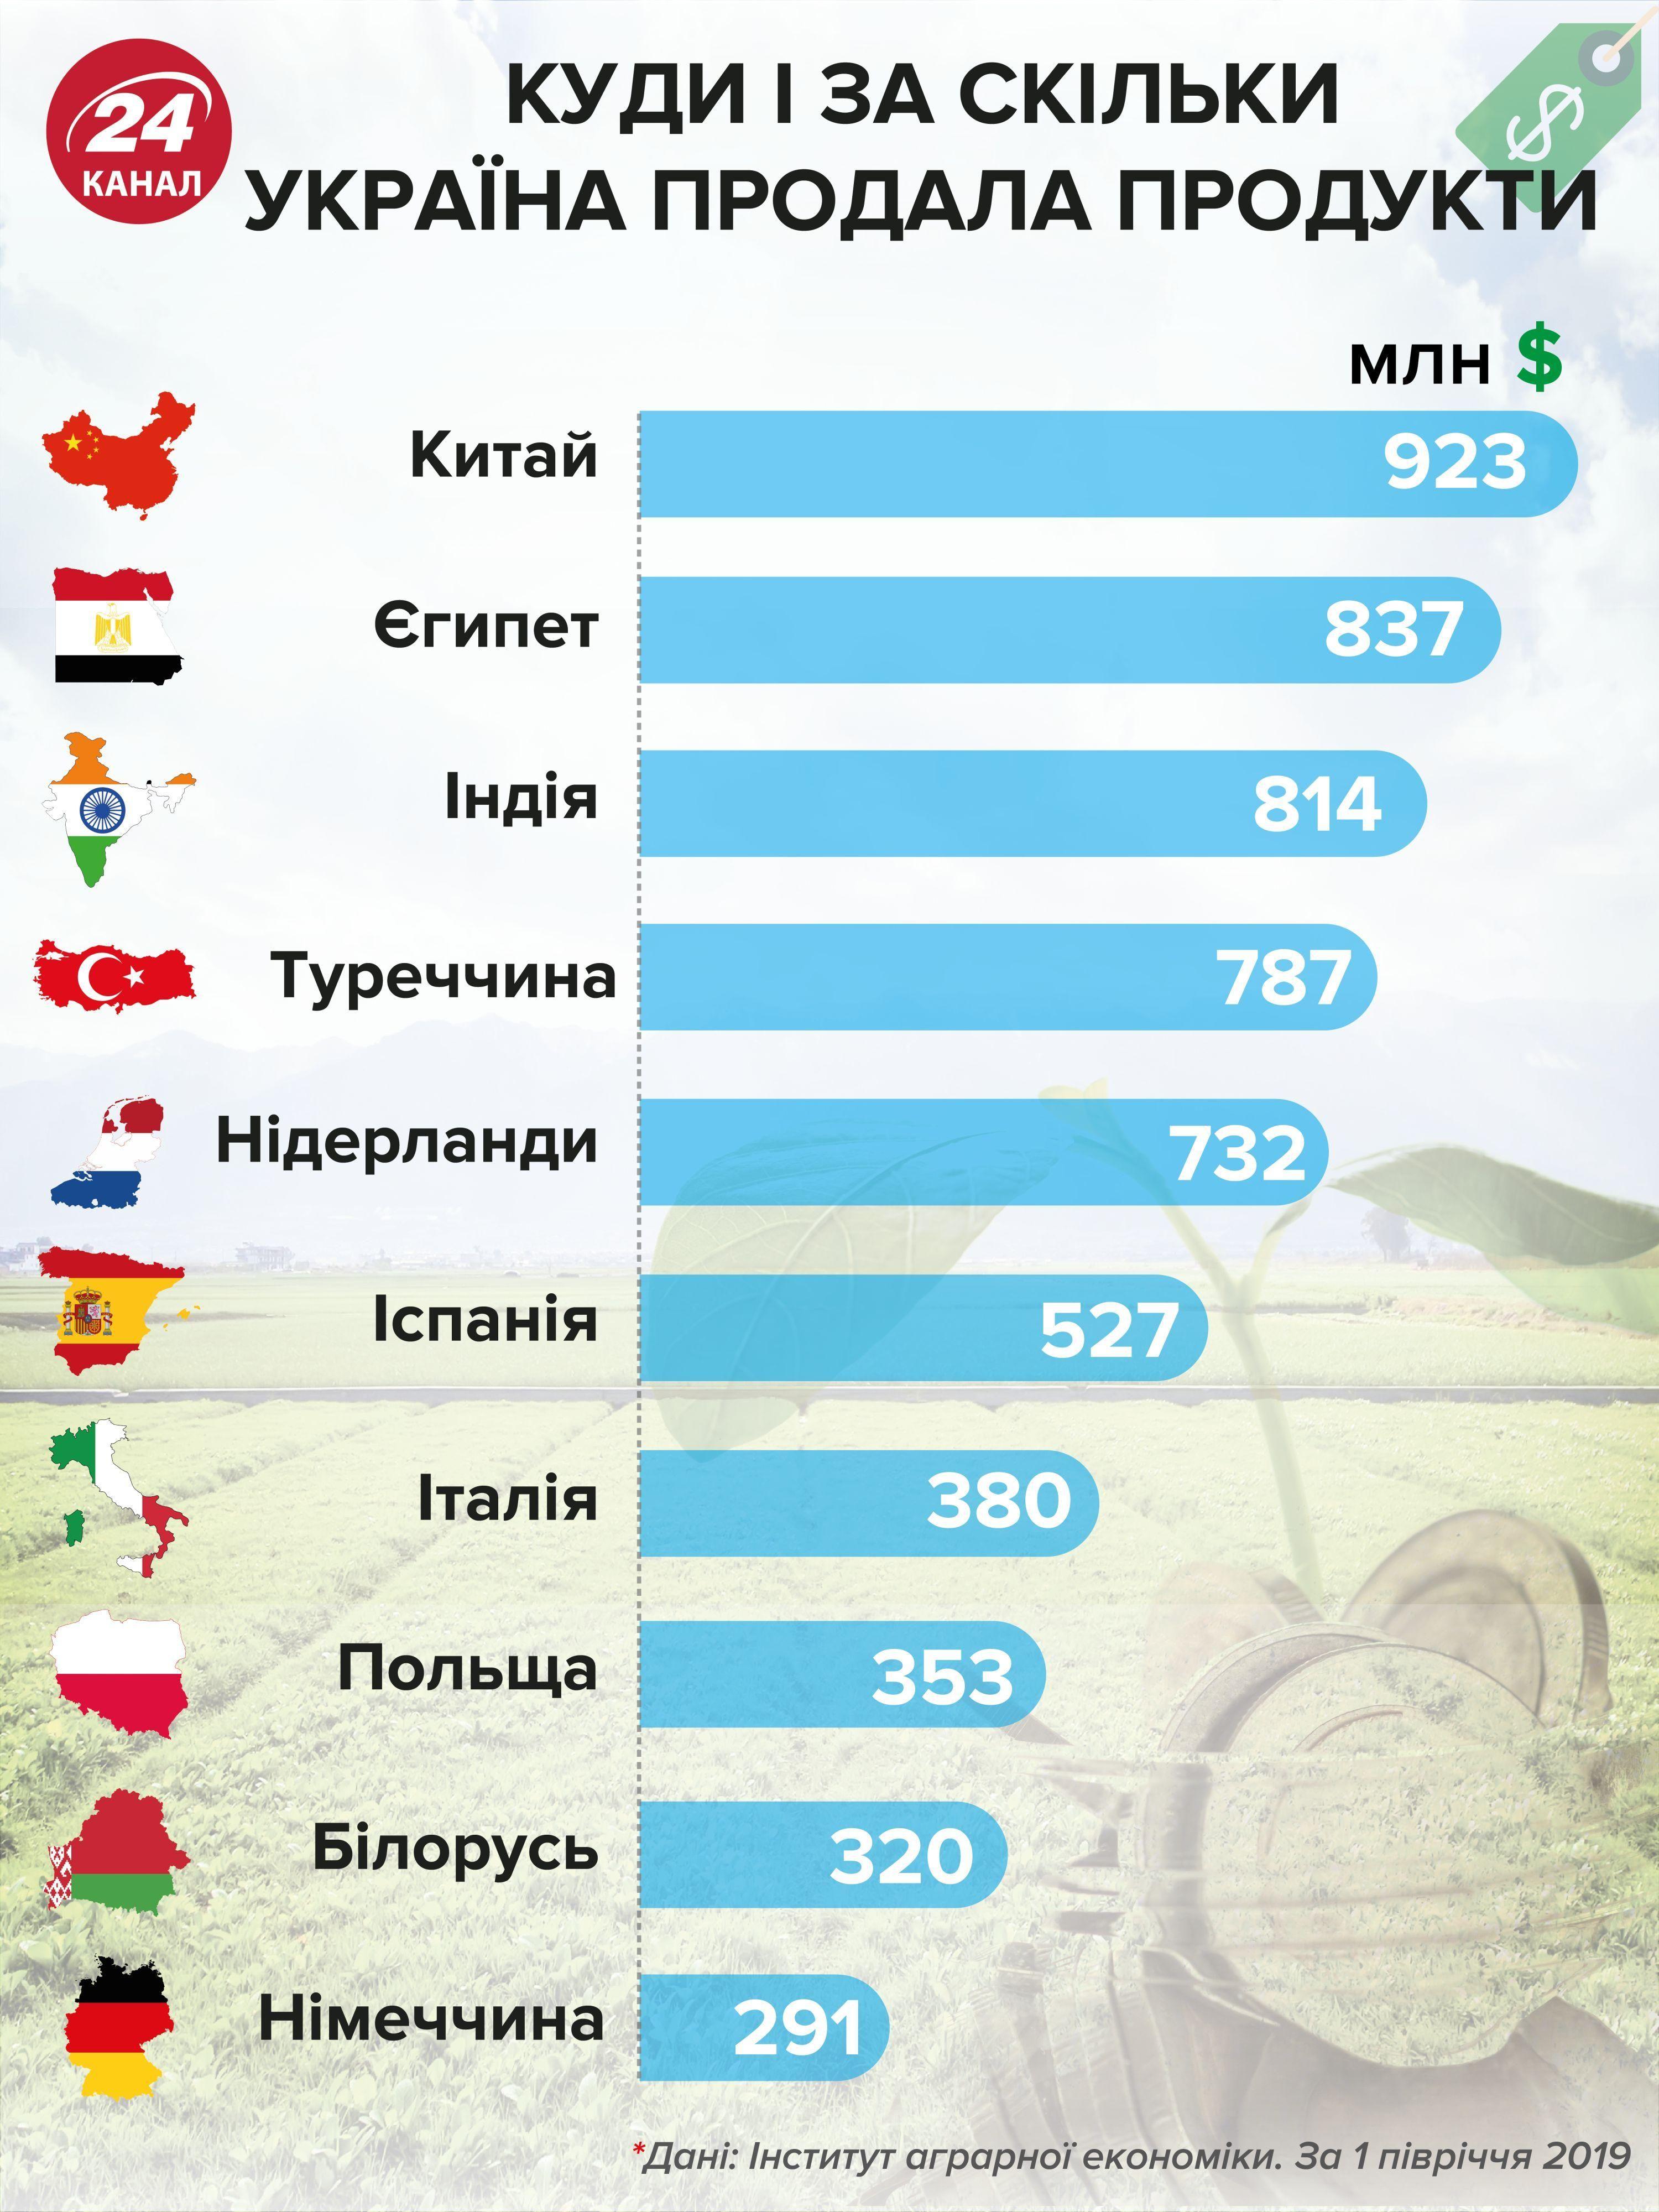 Імпортери України